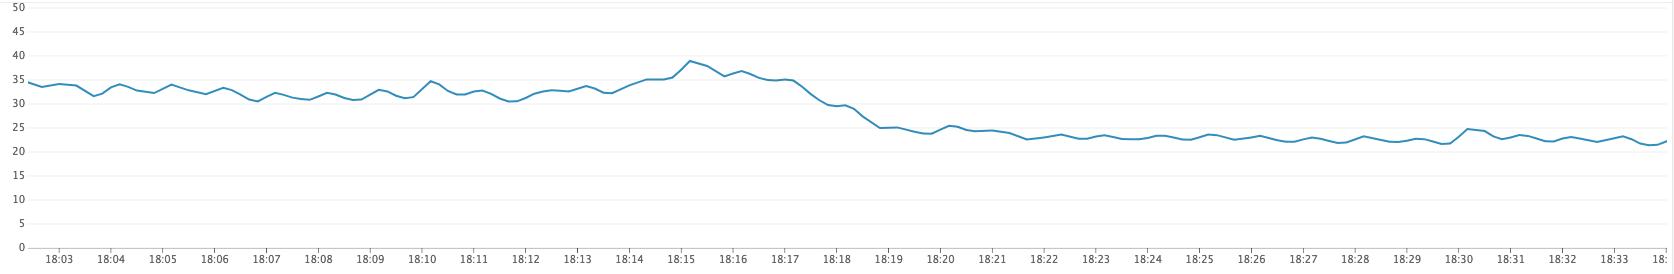 Kubernetes CPU drop